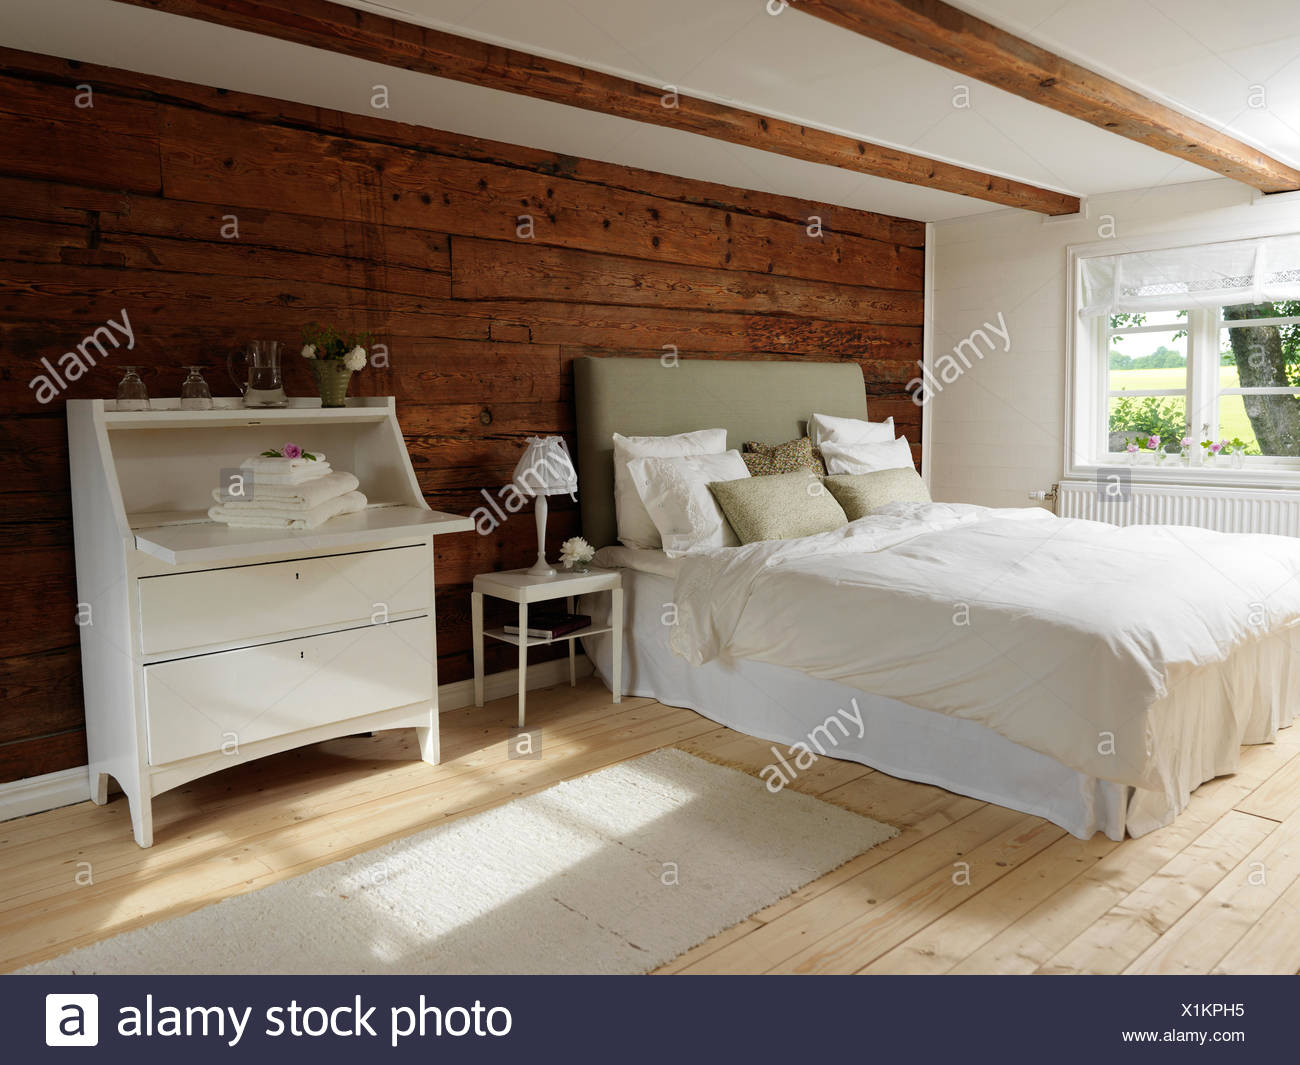 La Suède, Avec Chambre à Coucher De Style Scandinave Bois Et Blanc Couleur  Thème